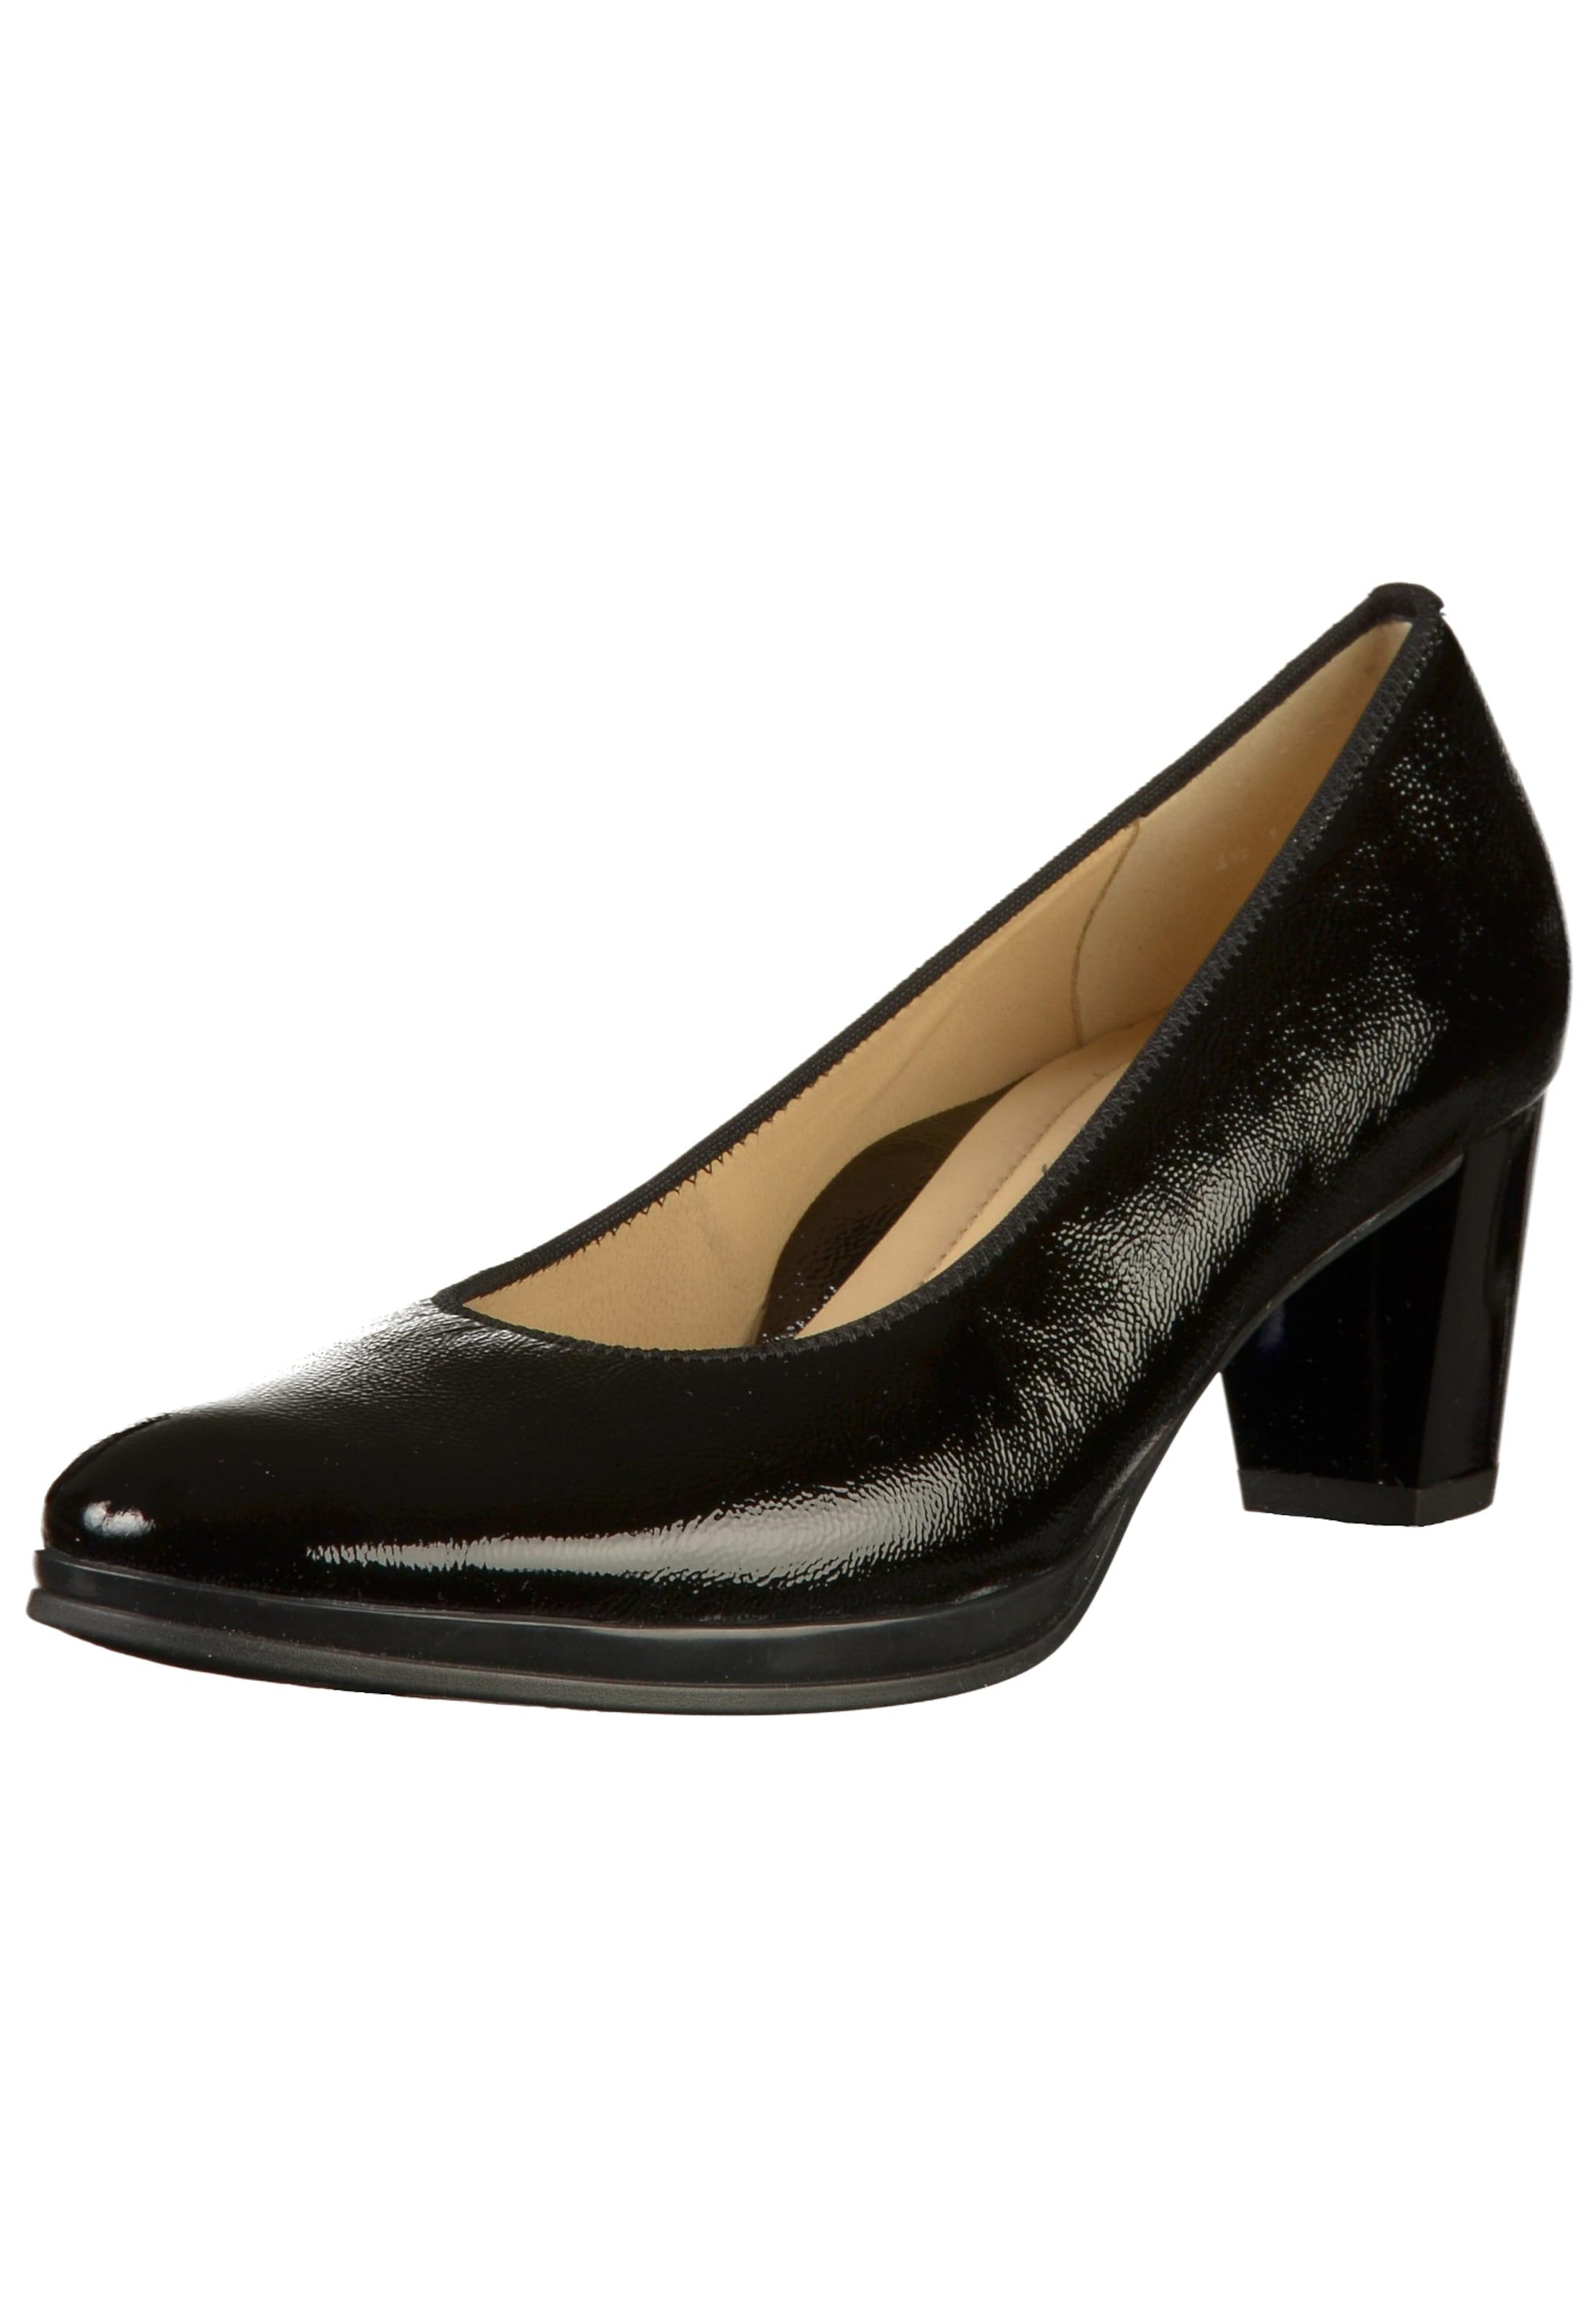 ARA Pumps Verschleißfeste billige Schuhe Hohe Qualität